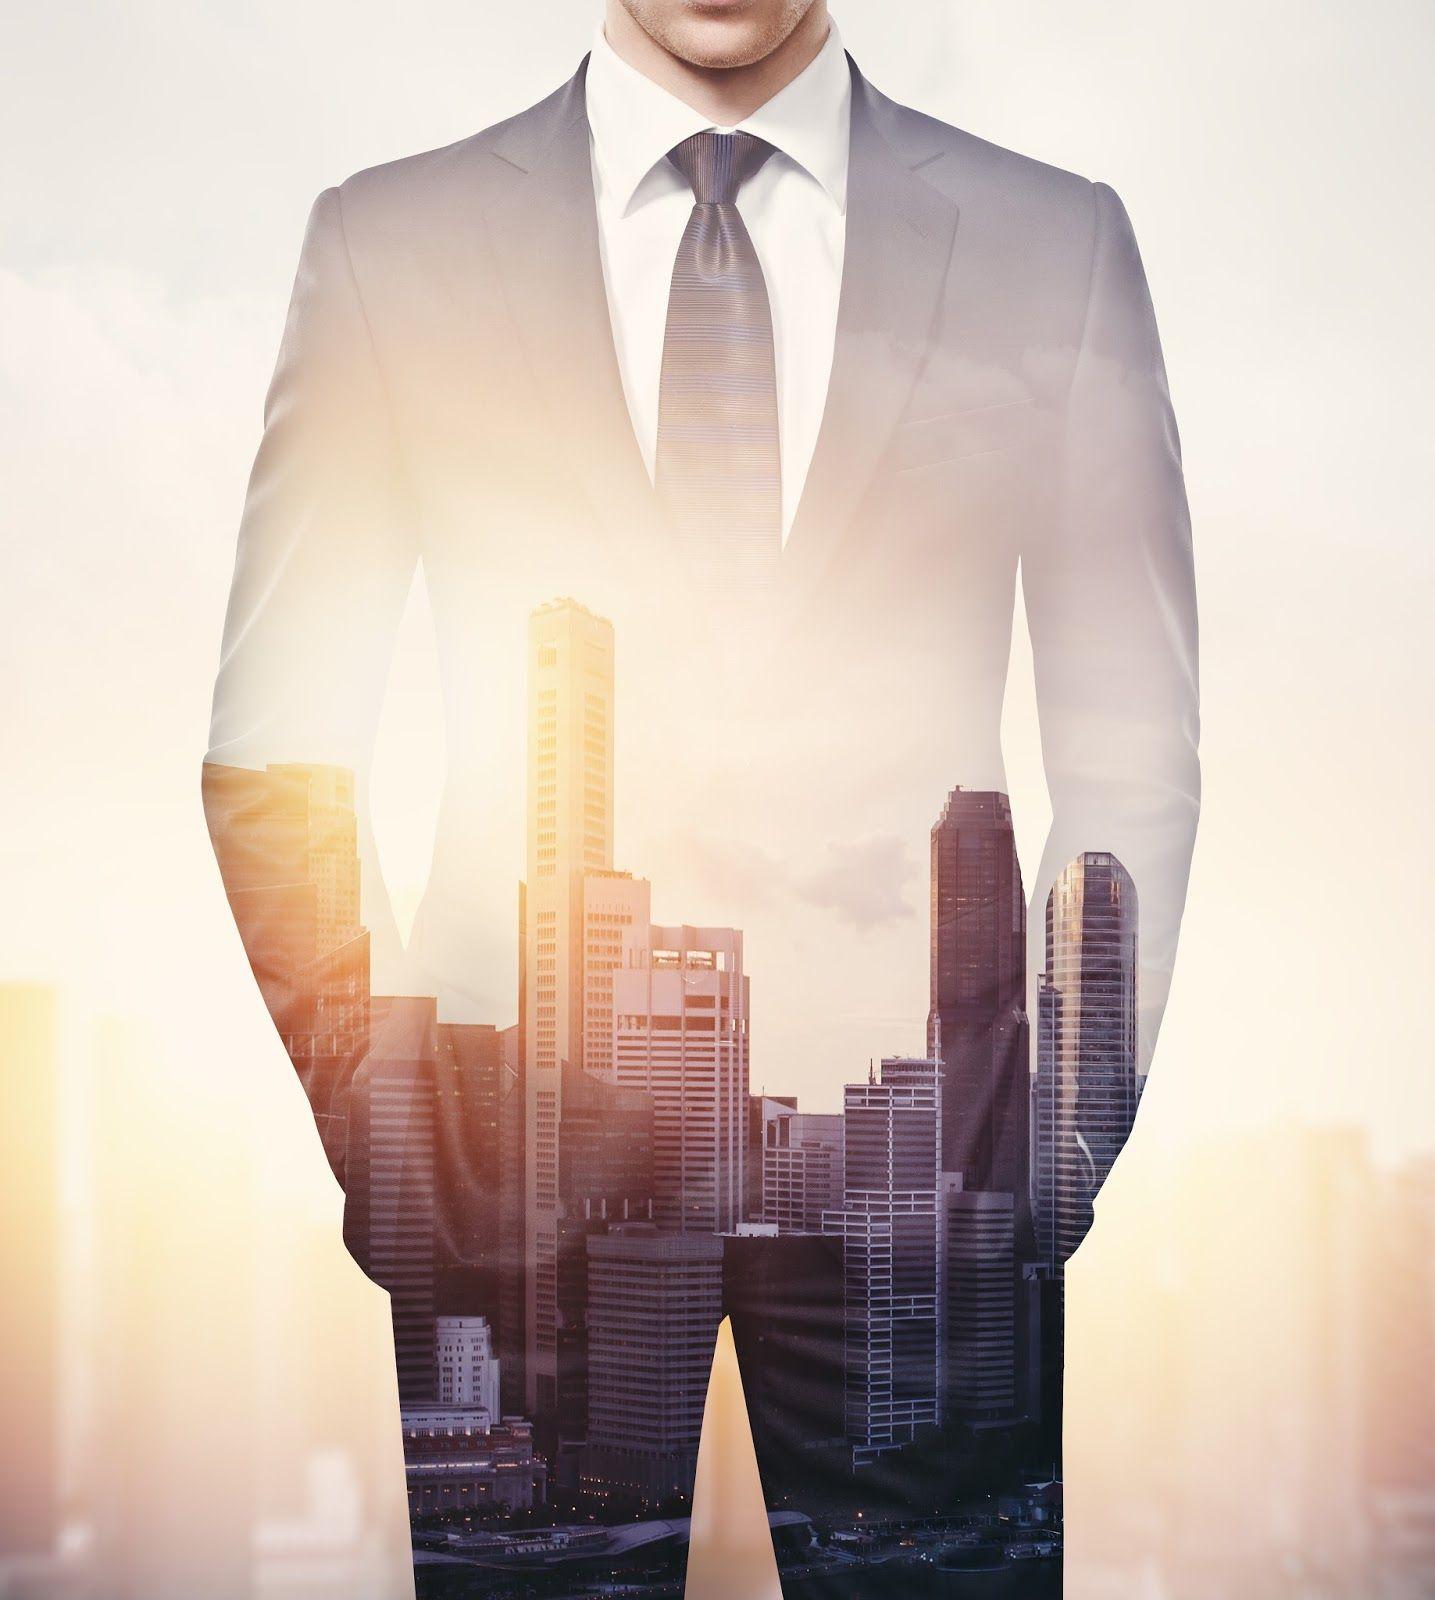 pasos para ser un empresario exitoso admón pinterest wall